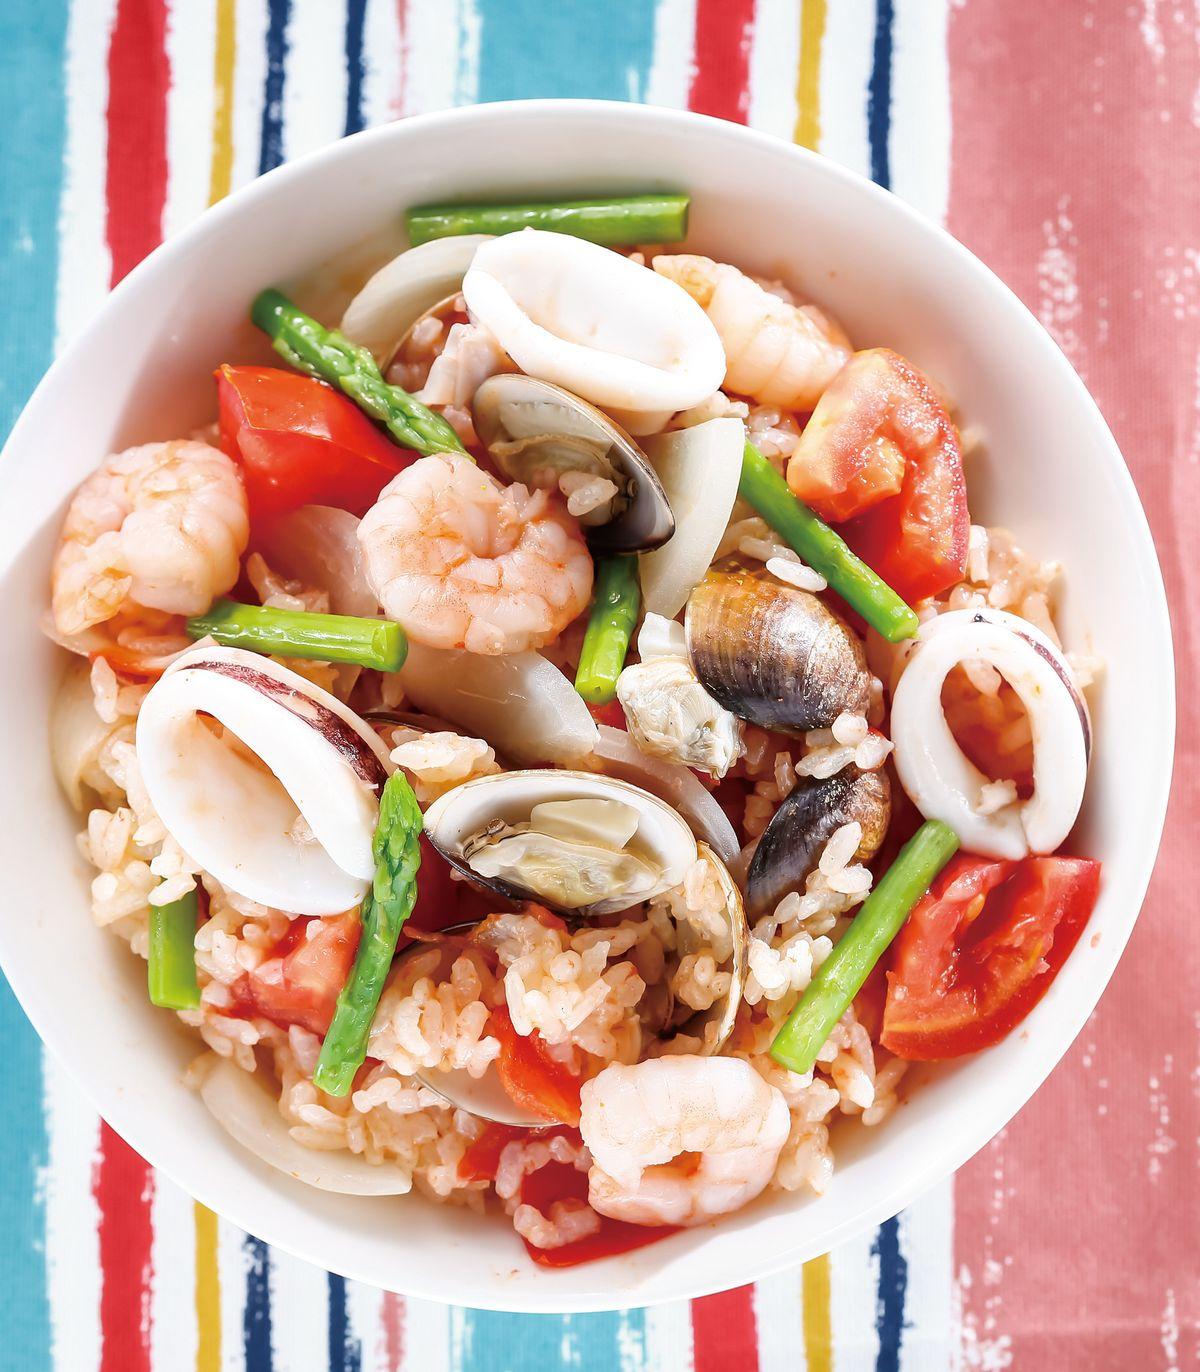 食譜:番茄海鮮炊飯